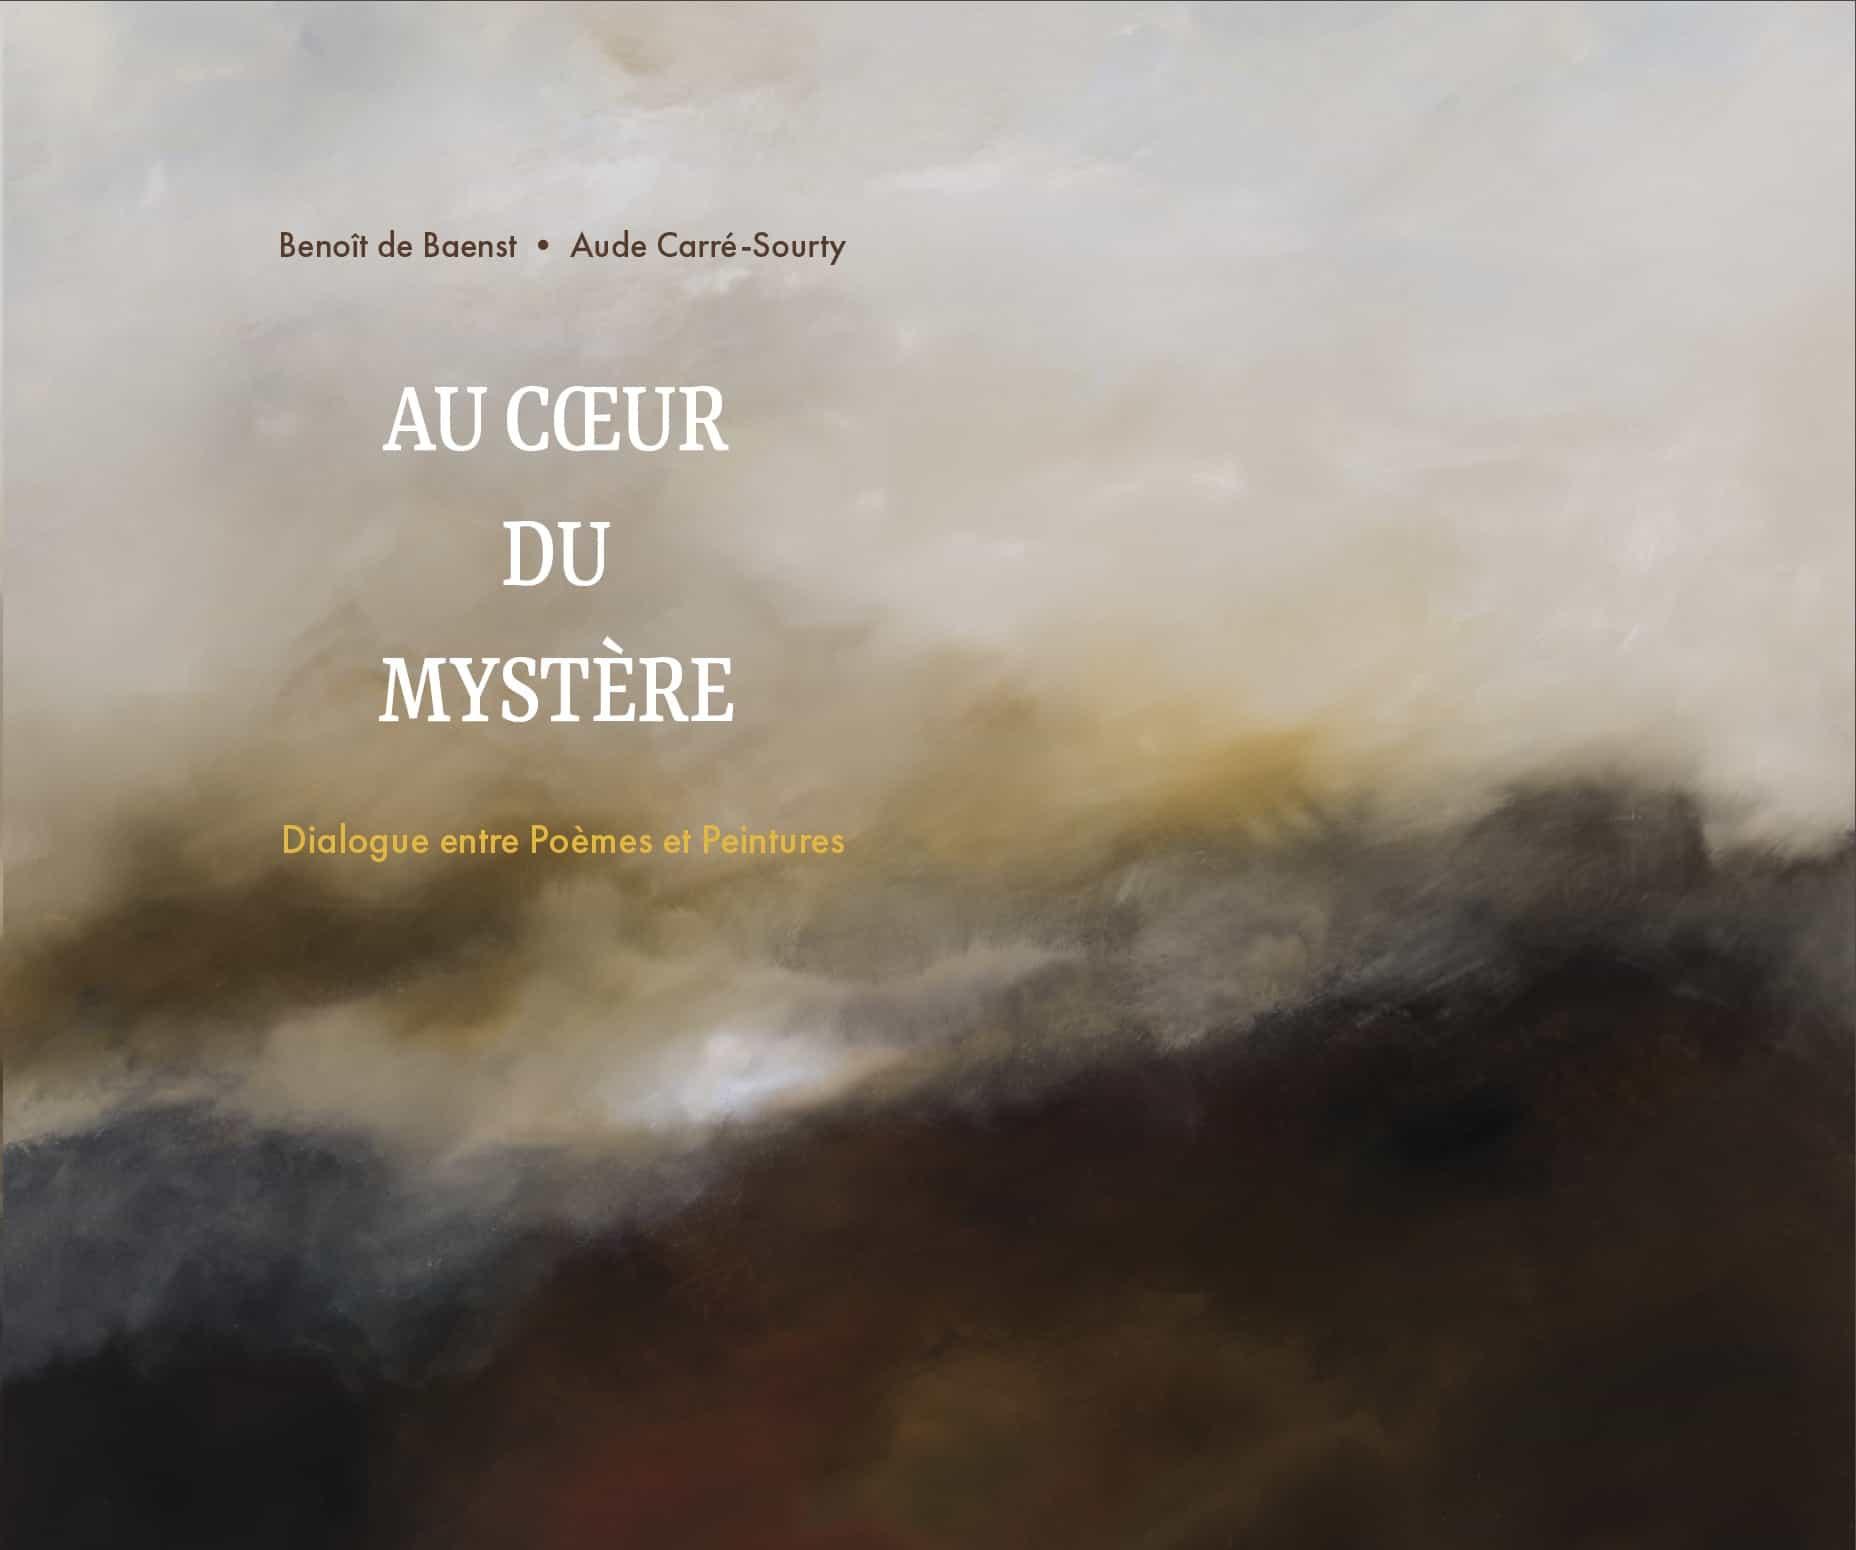 couverture du livre Au coeur du Mystère de Benoit de Baenst et Aude Carré-Sourty